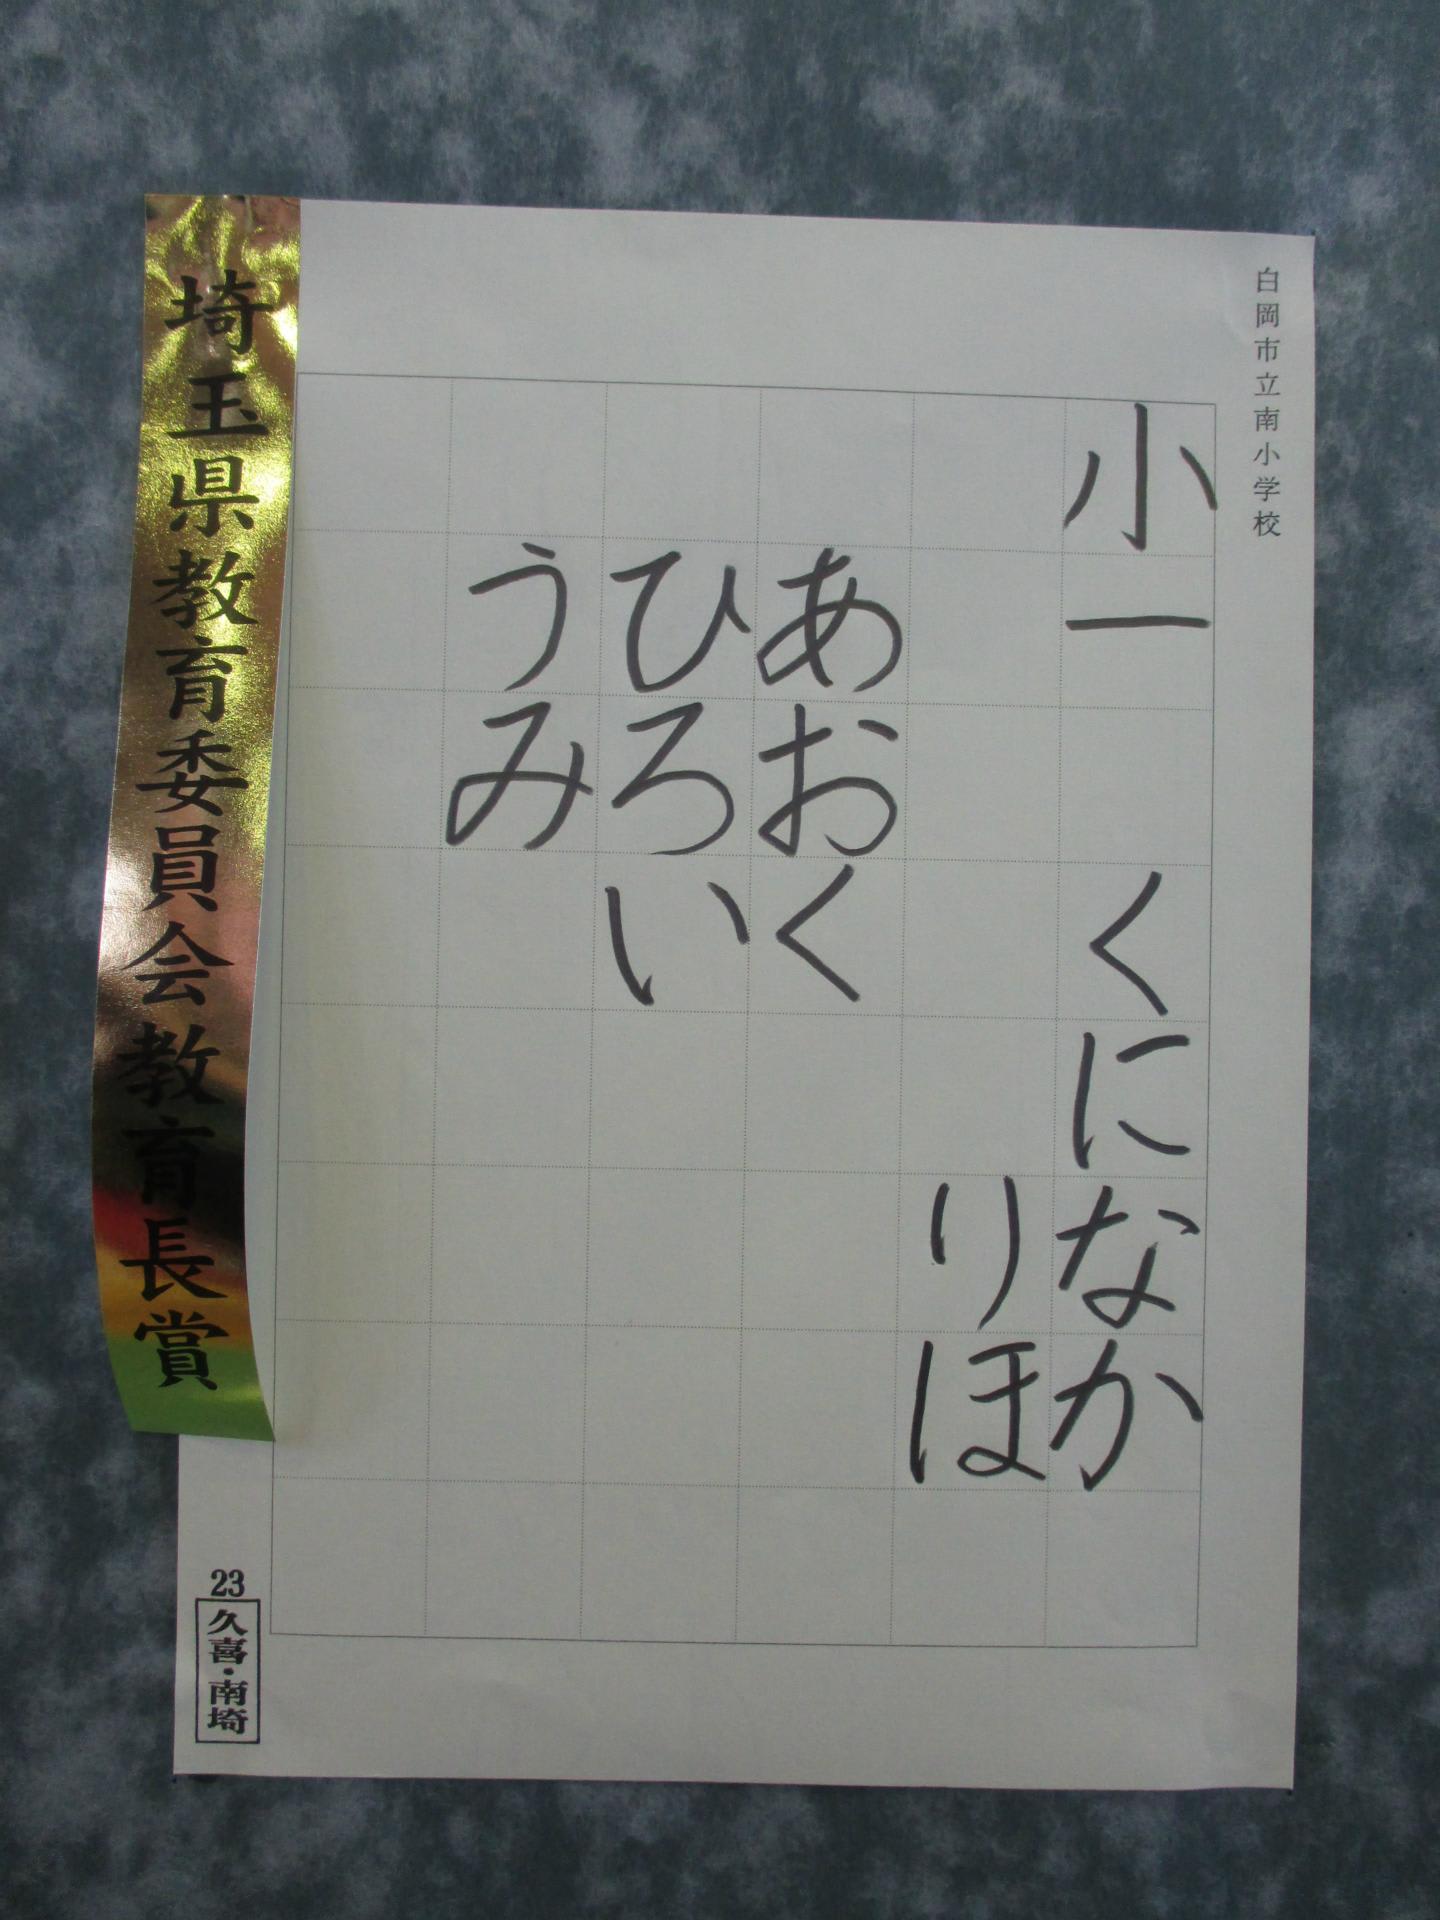 亀田書道会 公式ブログ!